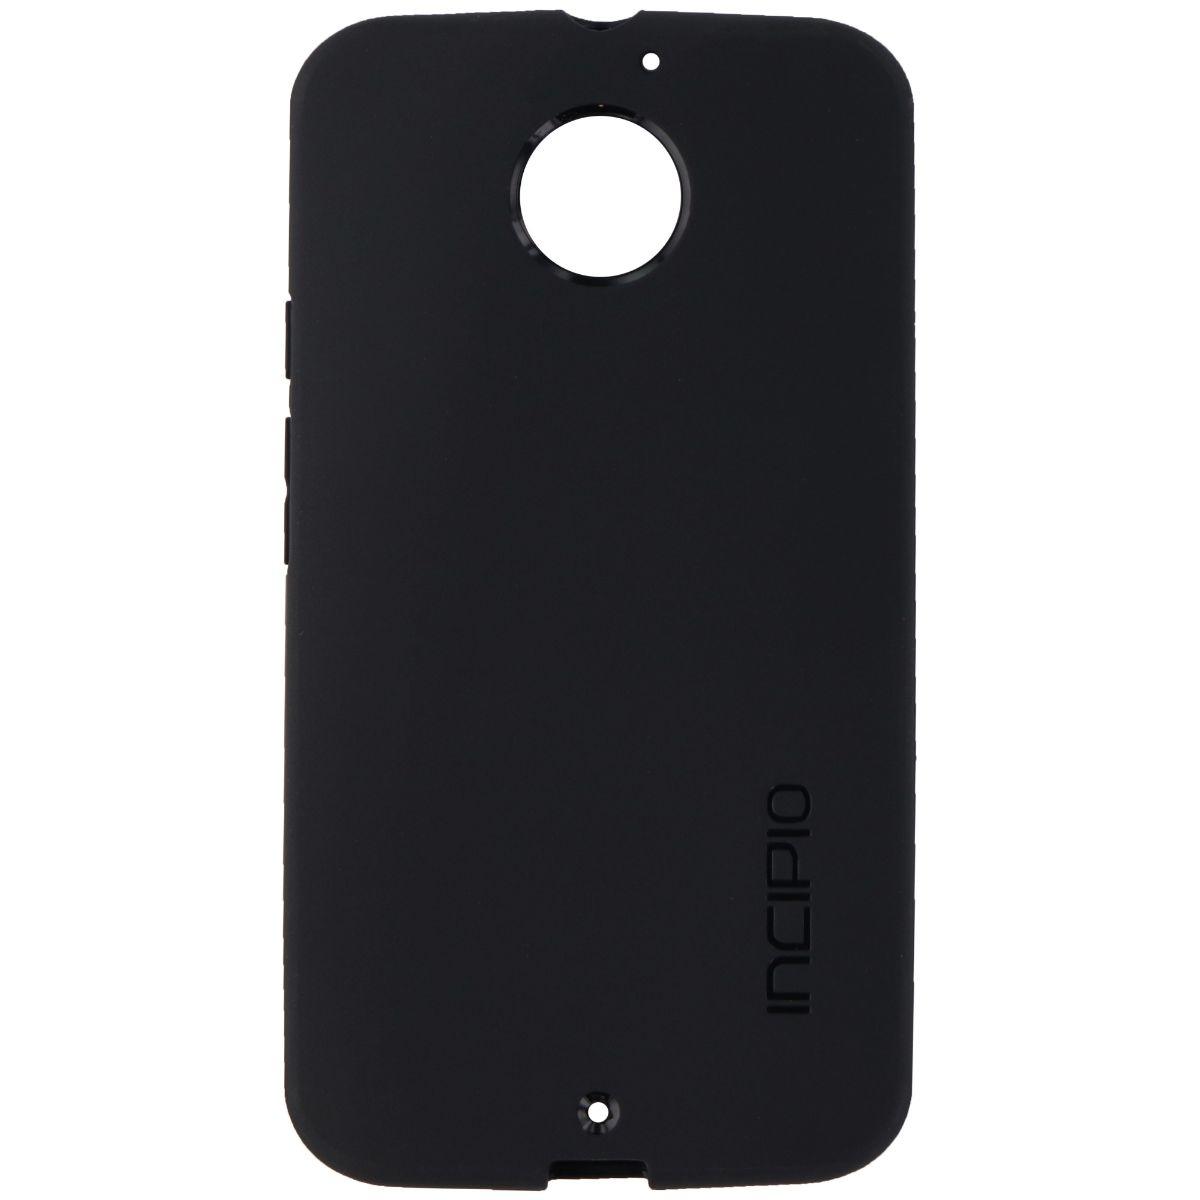 Incipio NGP Series Flexible Gel Case for Moto X (2nd Gen) - Black